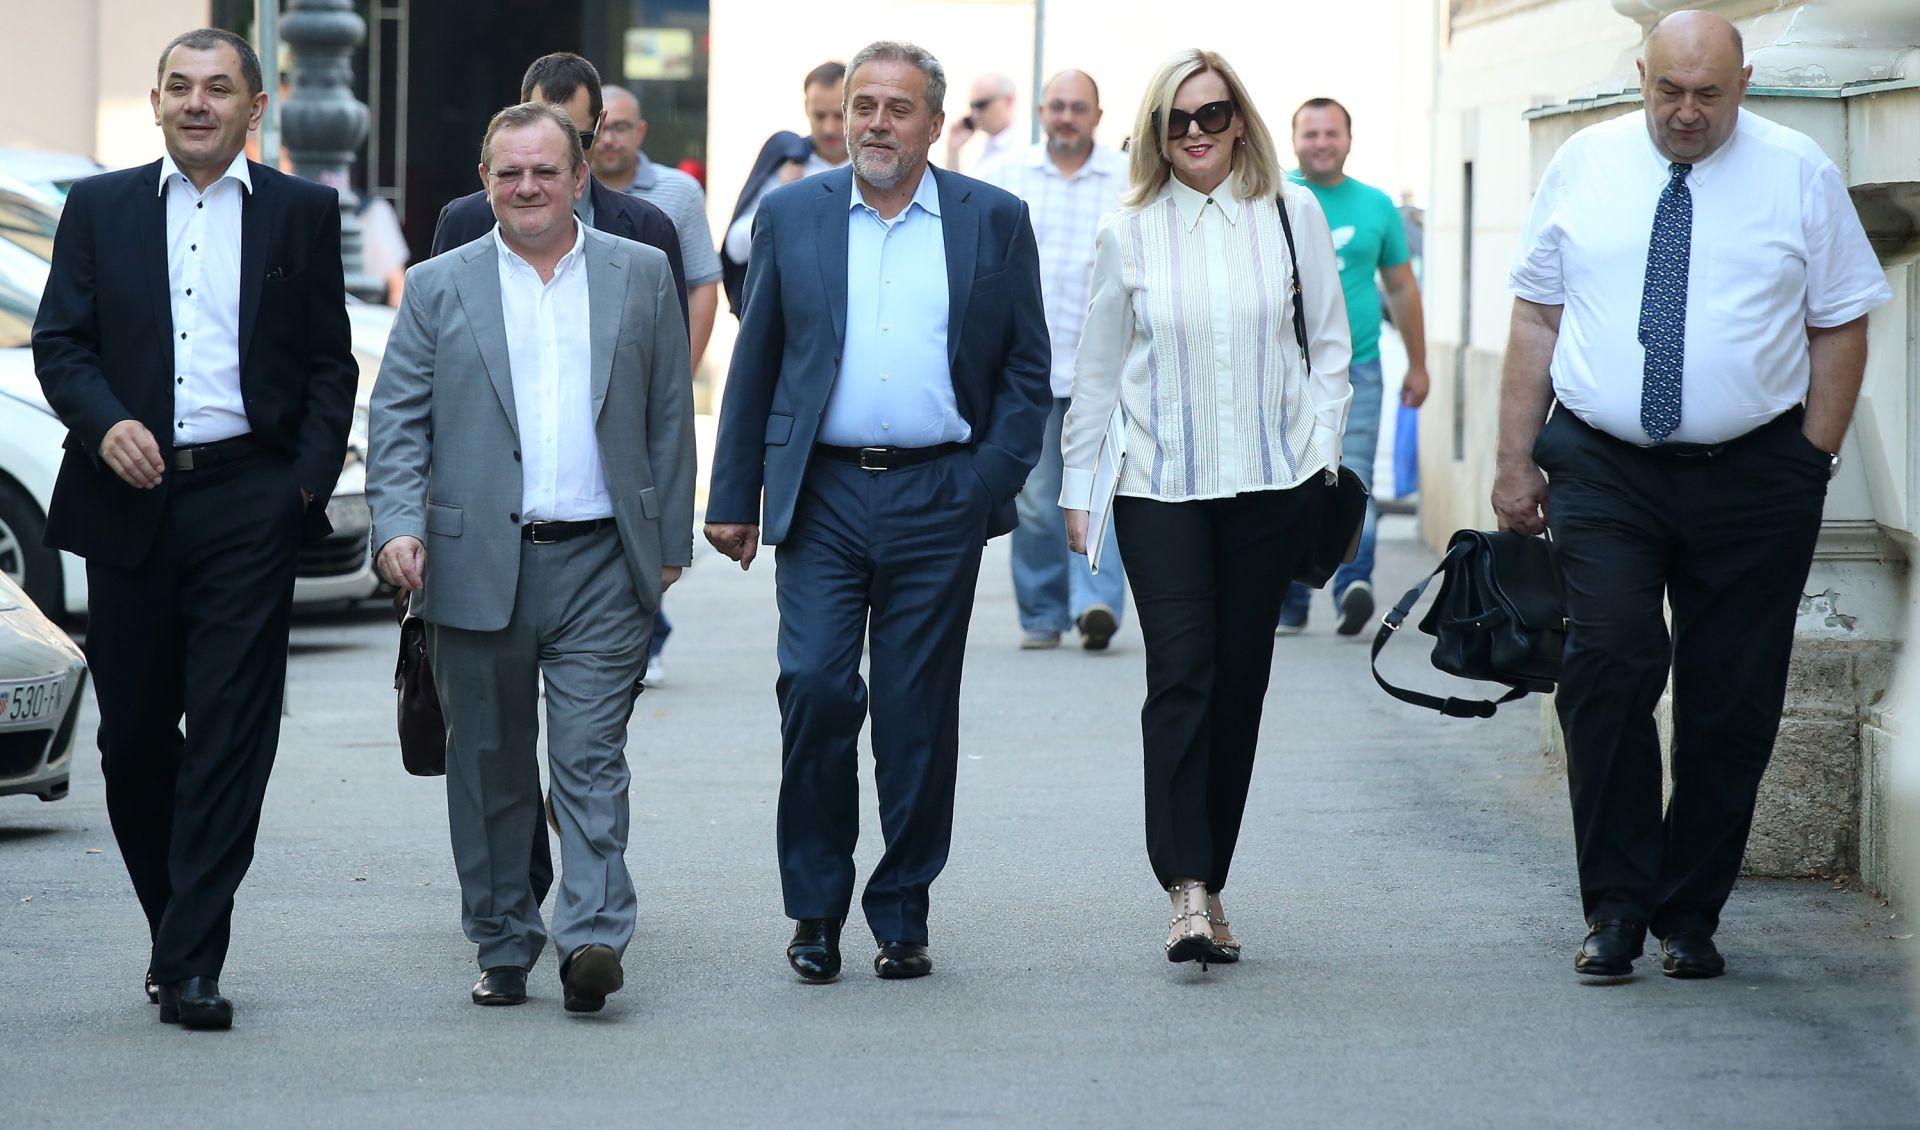 """SLUČAJ """"ŠTANDOVI"""": Županijski sud ponovno će odlučivati o osnovanosti optužnice protiv Milana Bandića"""